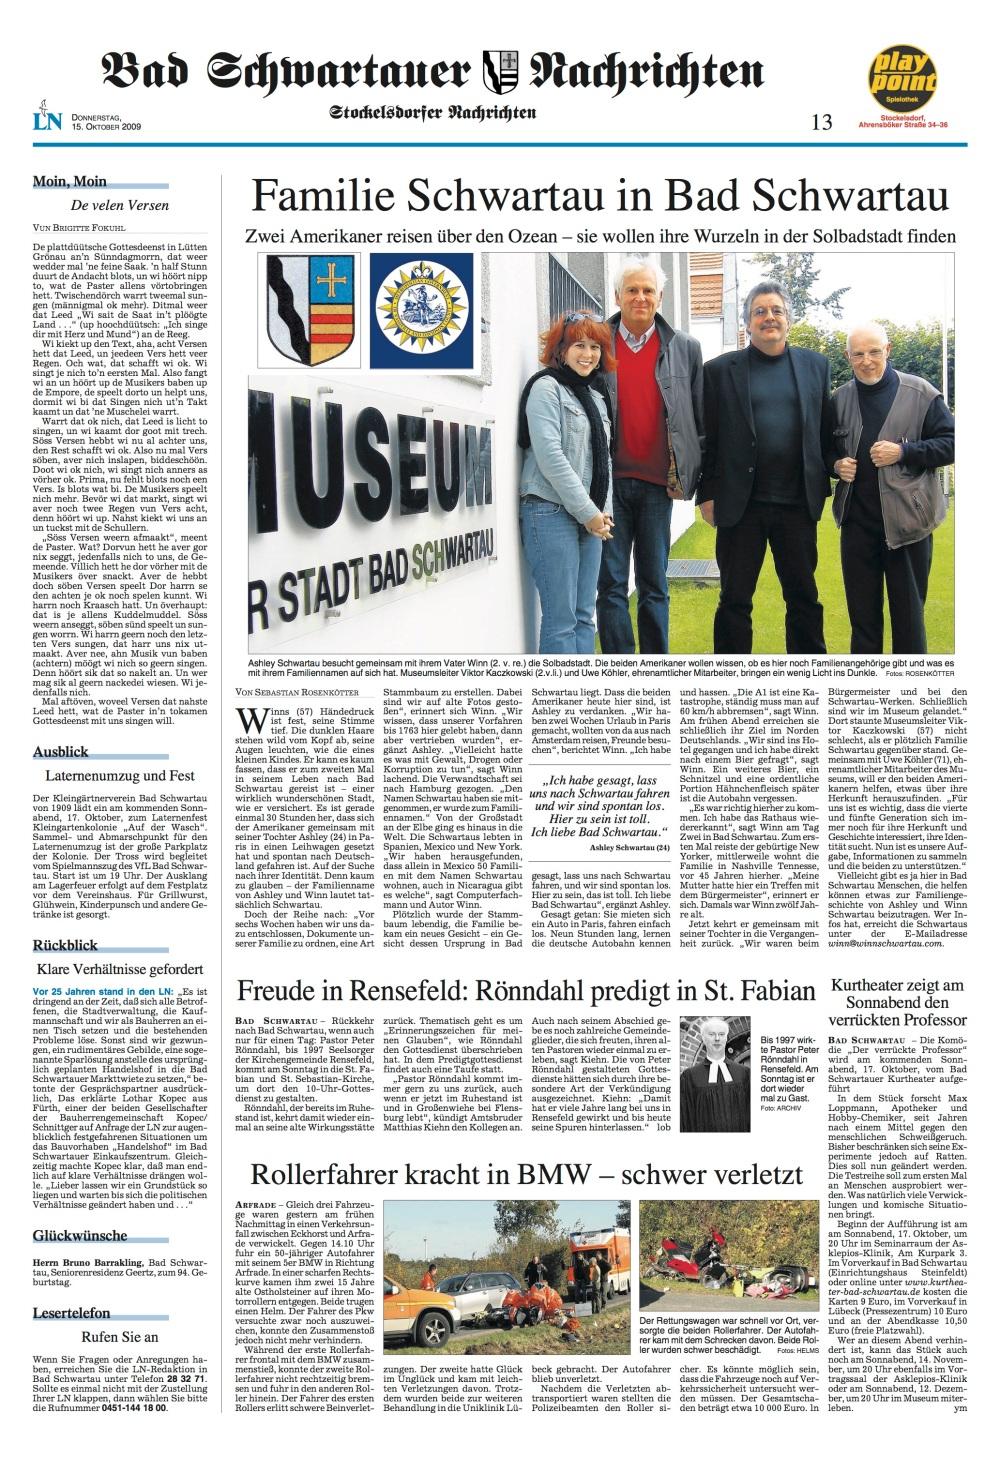 BadSchwartauNewspaper.jpg